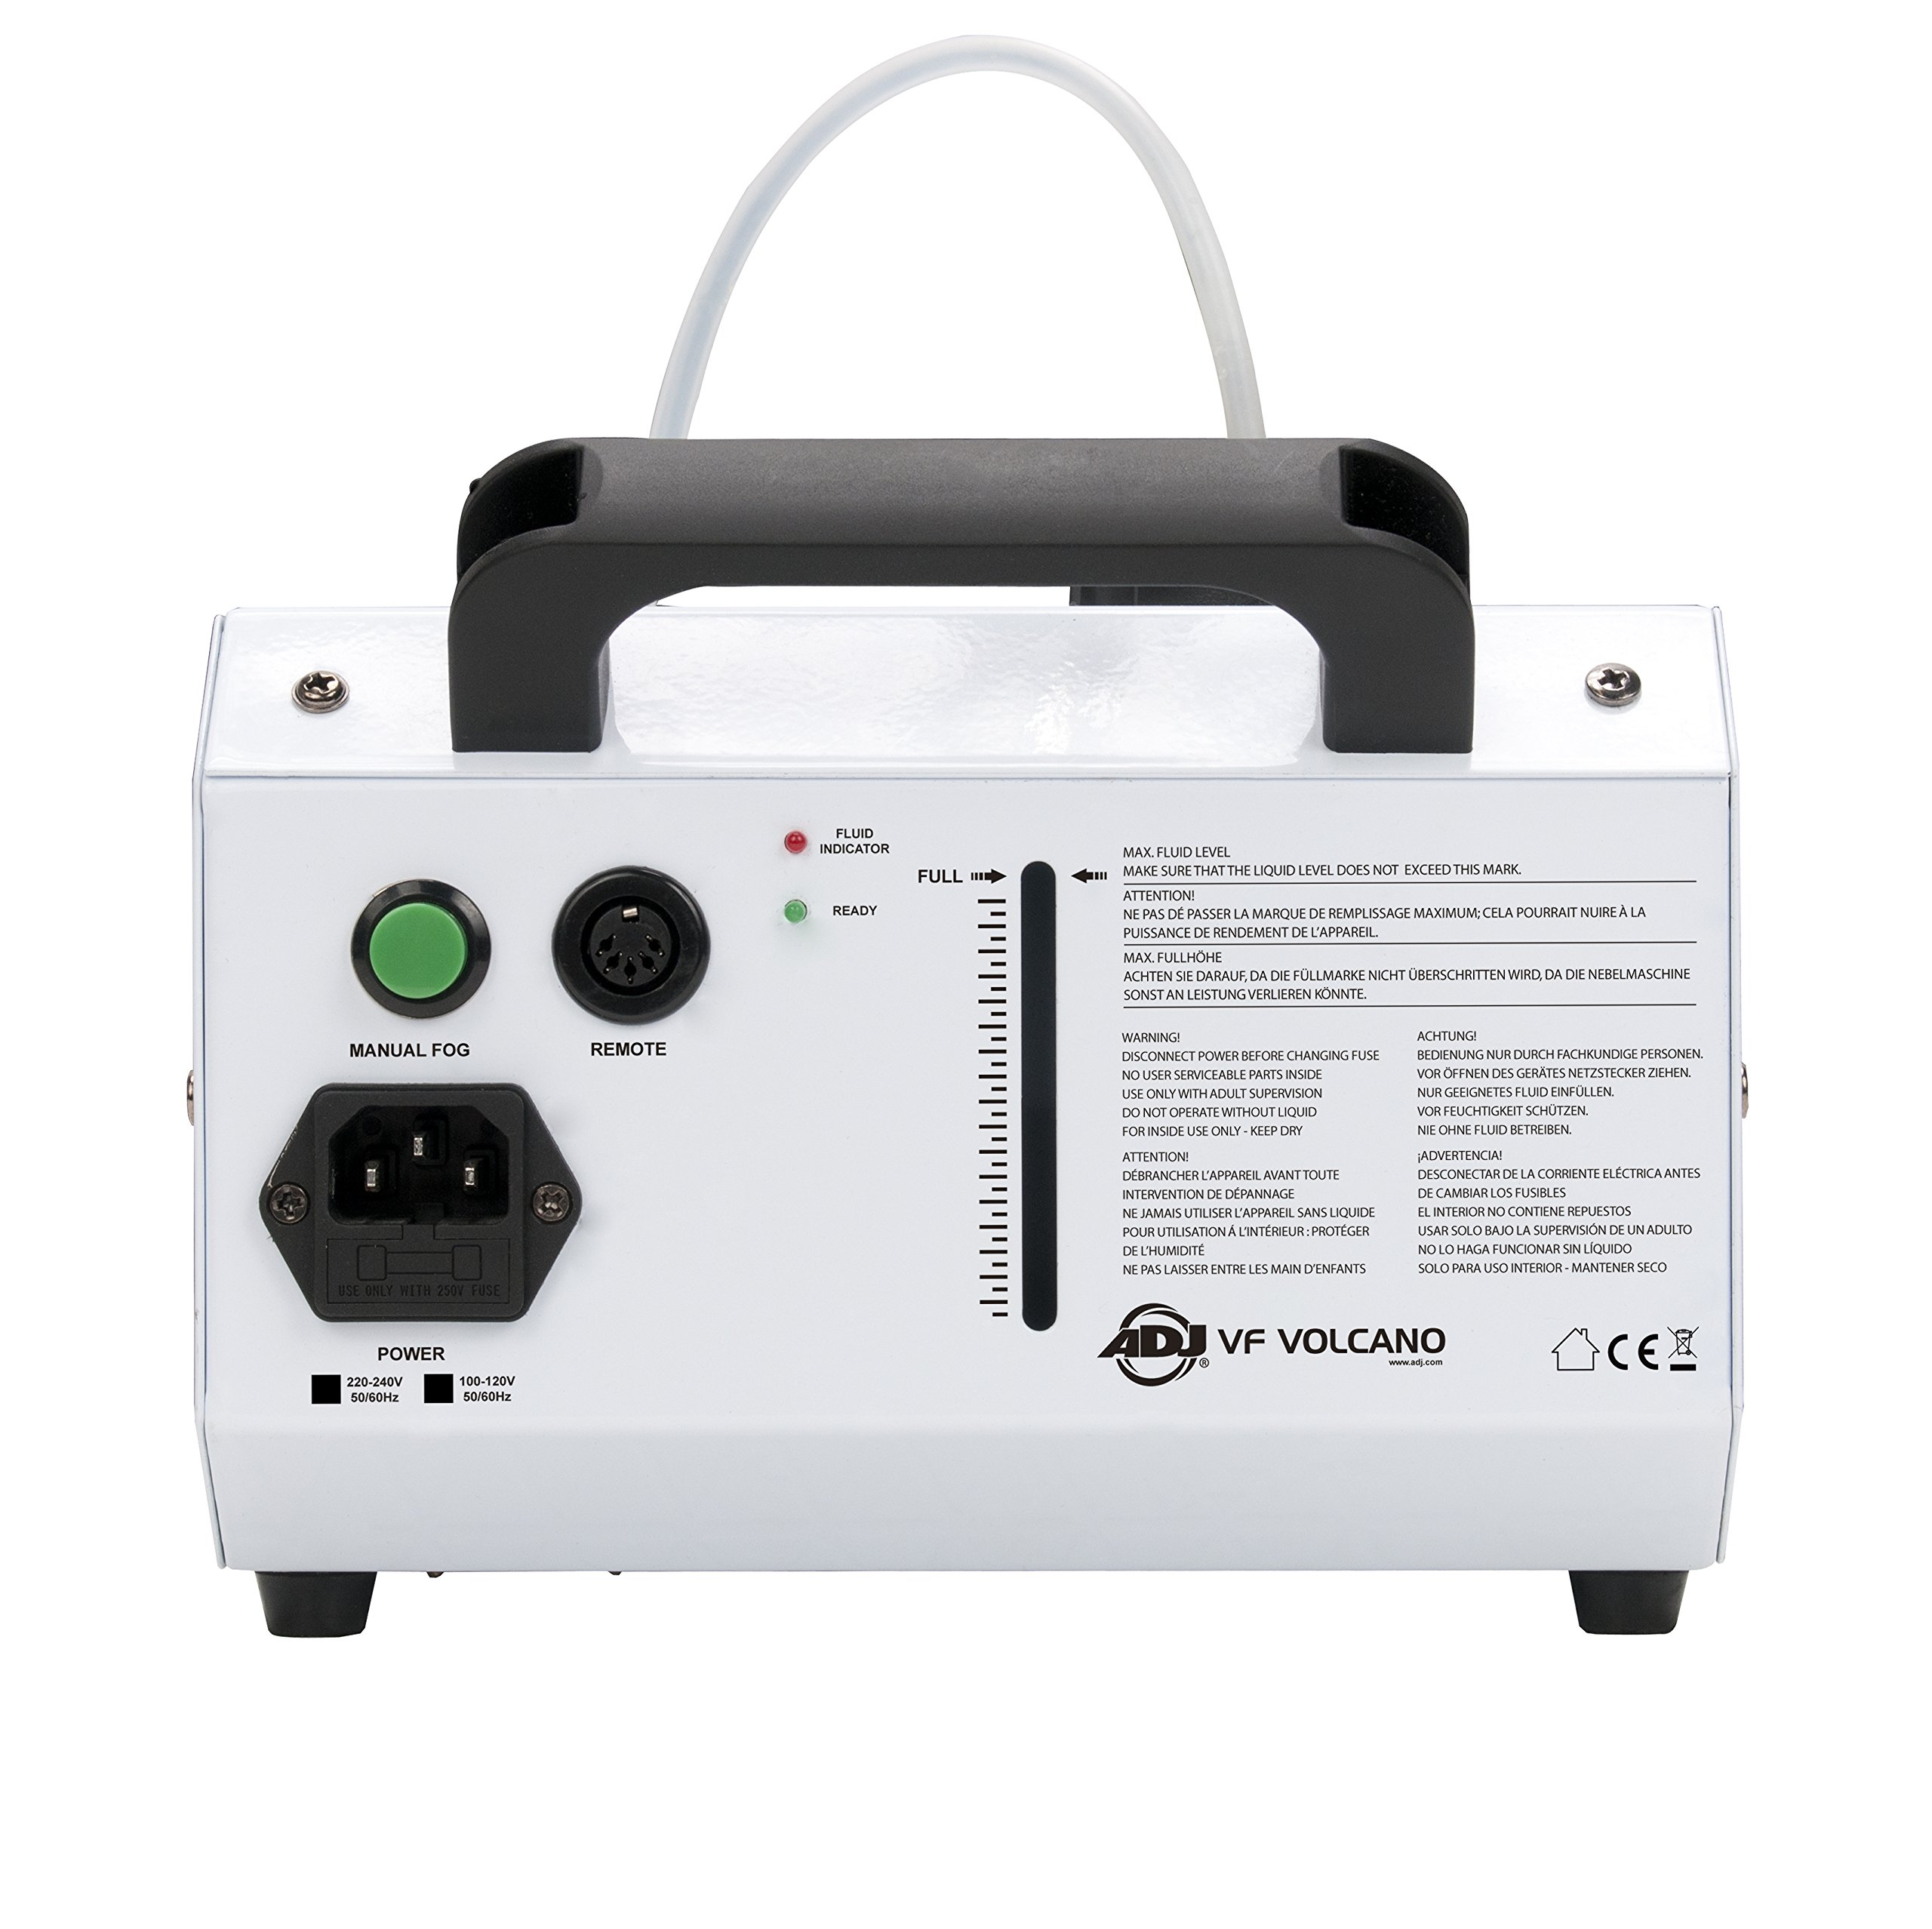 ADJ Products VF VOLCANO FOG mach w/ 6x 3-Watt RGB LED by ADJ Products (Image #2)